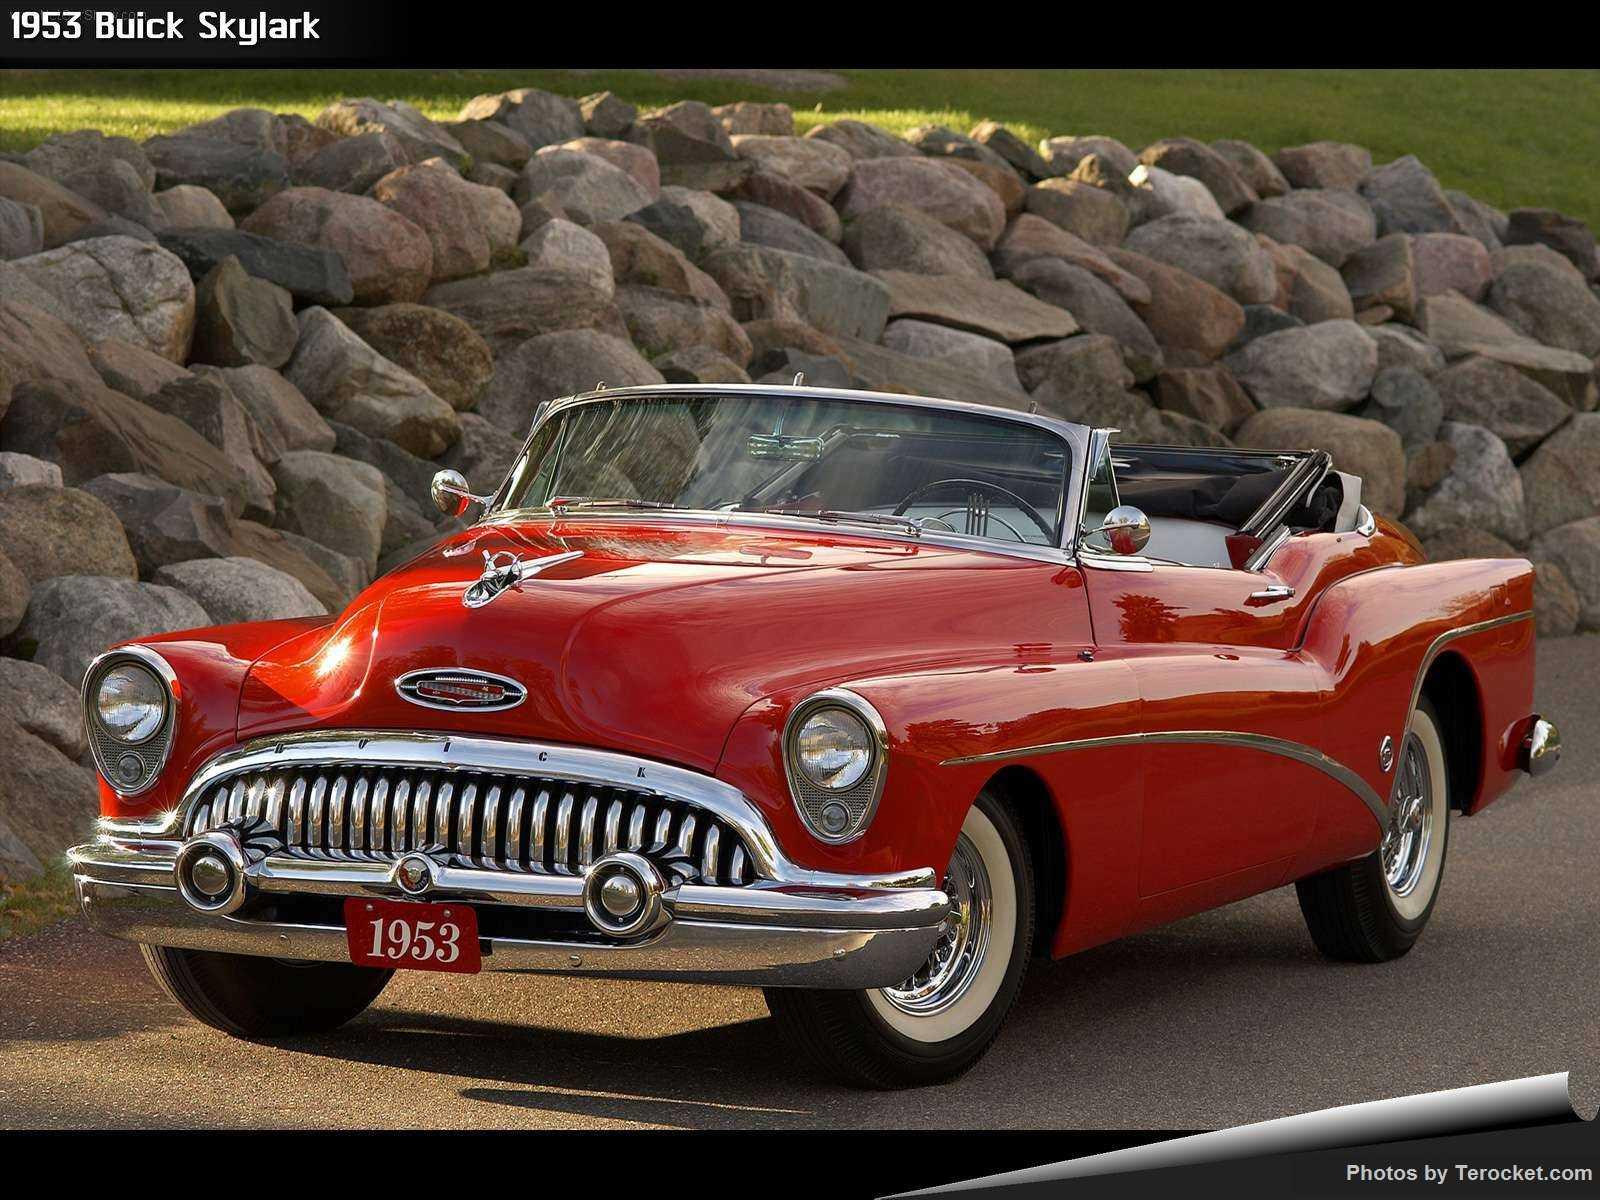 Hình ảnh xe ô tô Buick Skylark 1953 & nội ngoại thất